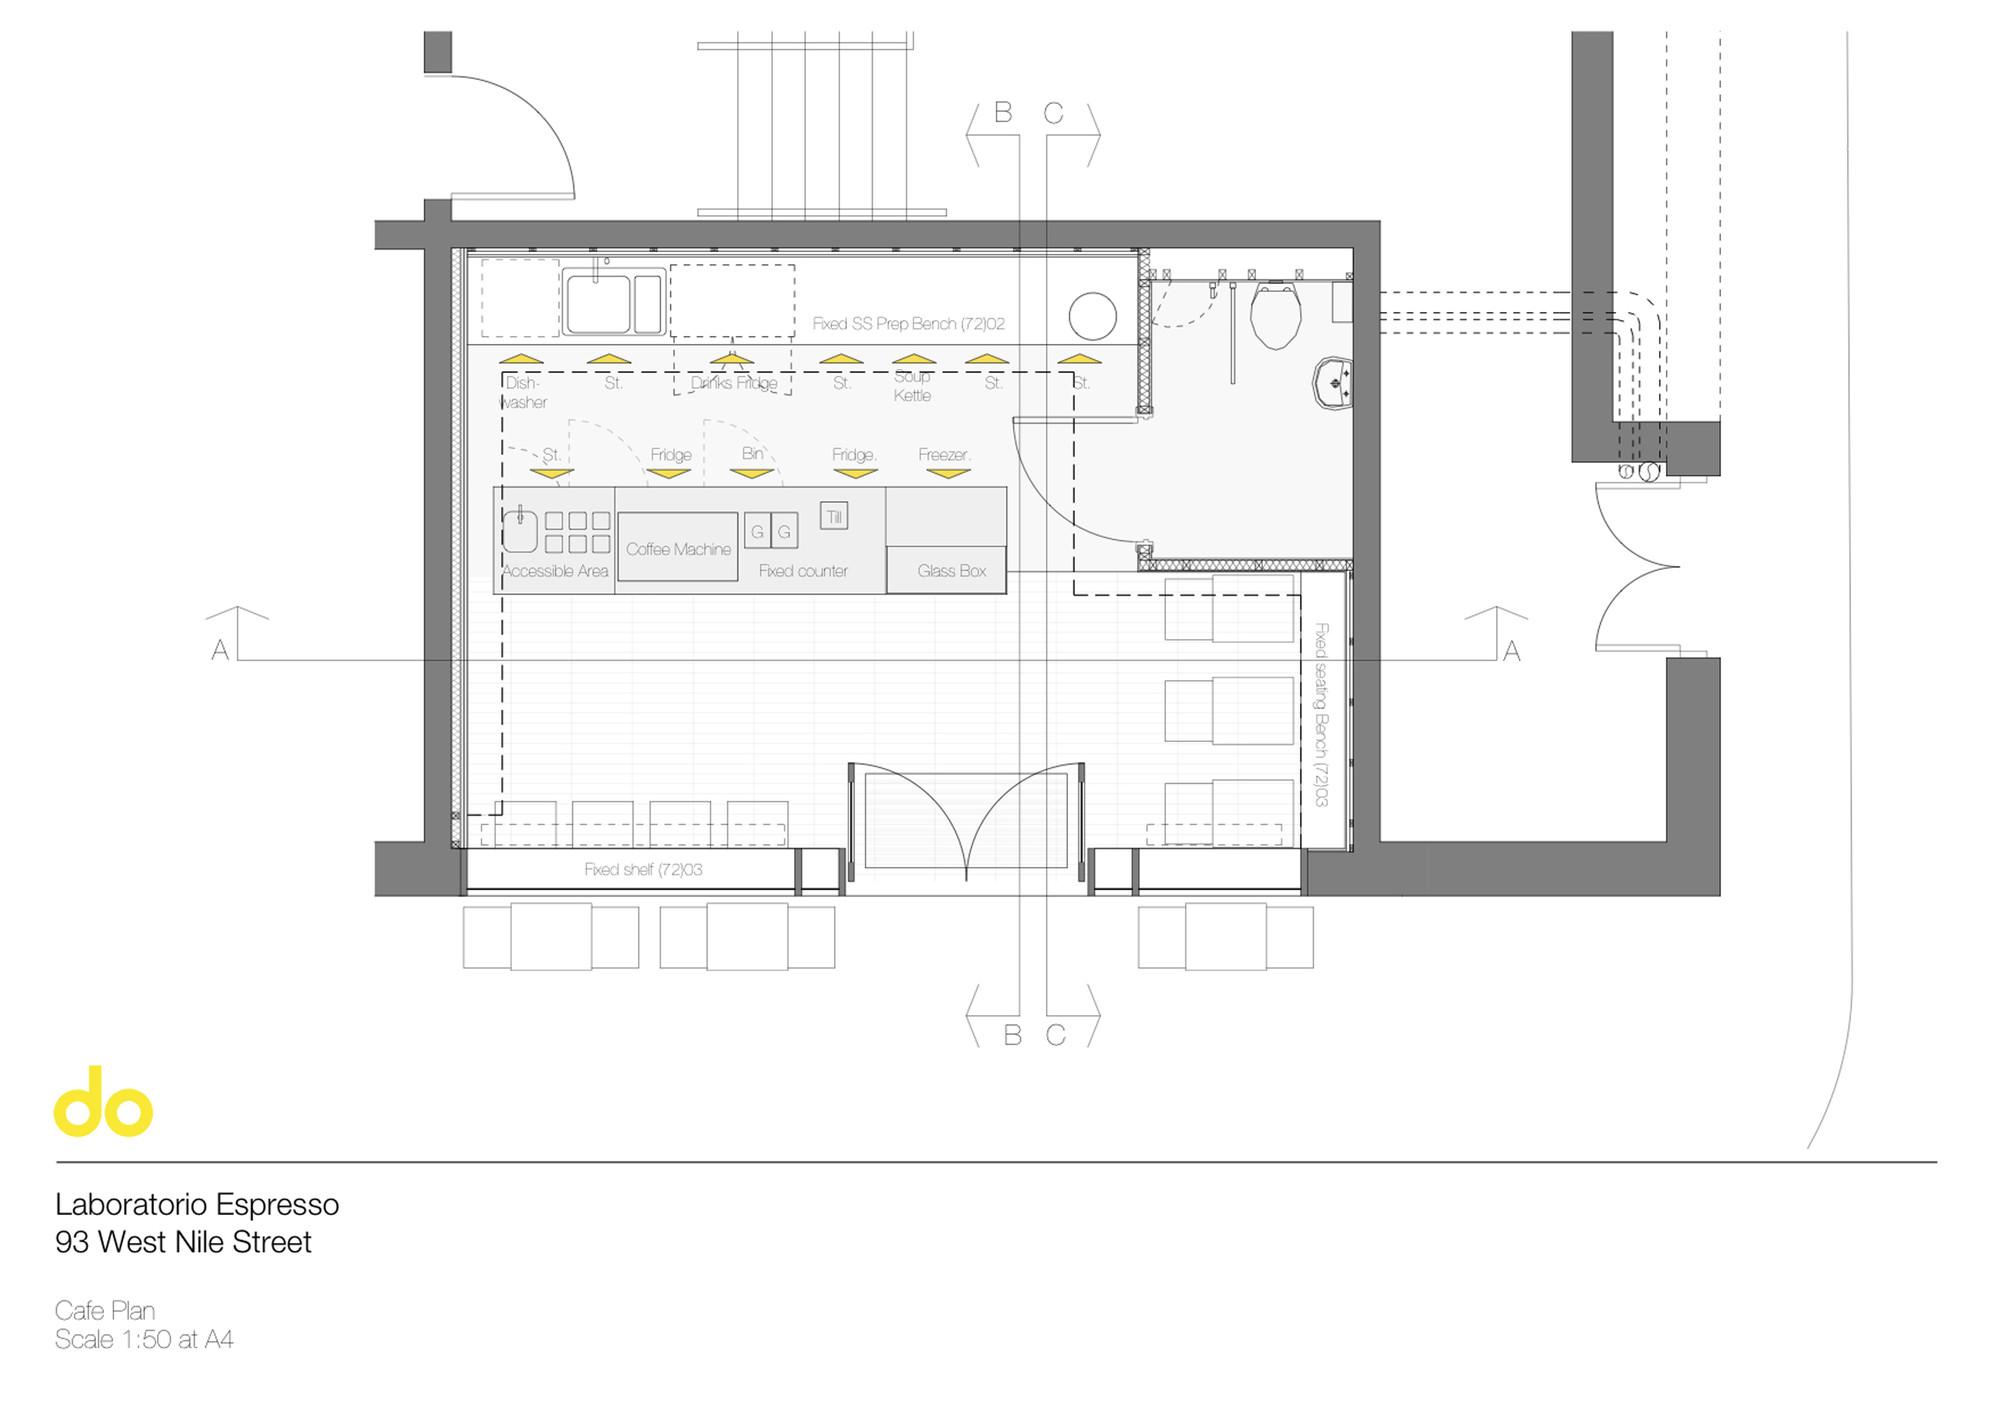 Draw A Floor Plan To Scale Gallery Of Laboratorio Espresso Do Architecture 11